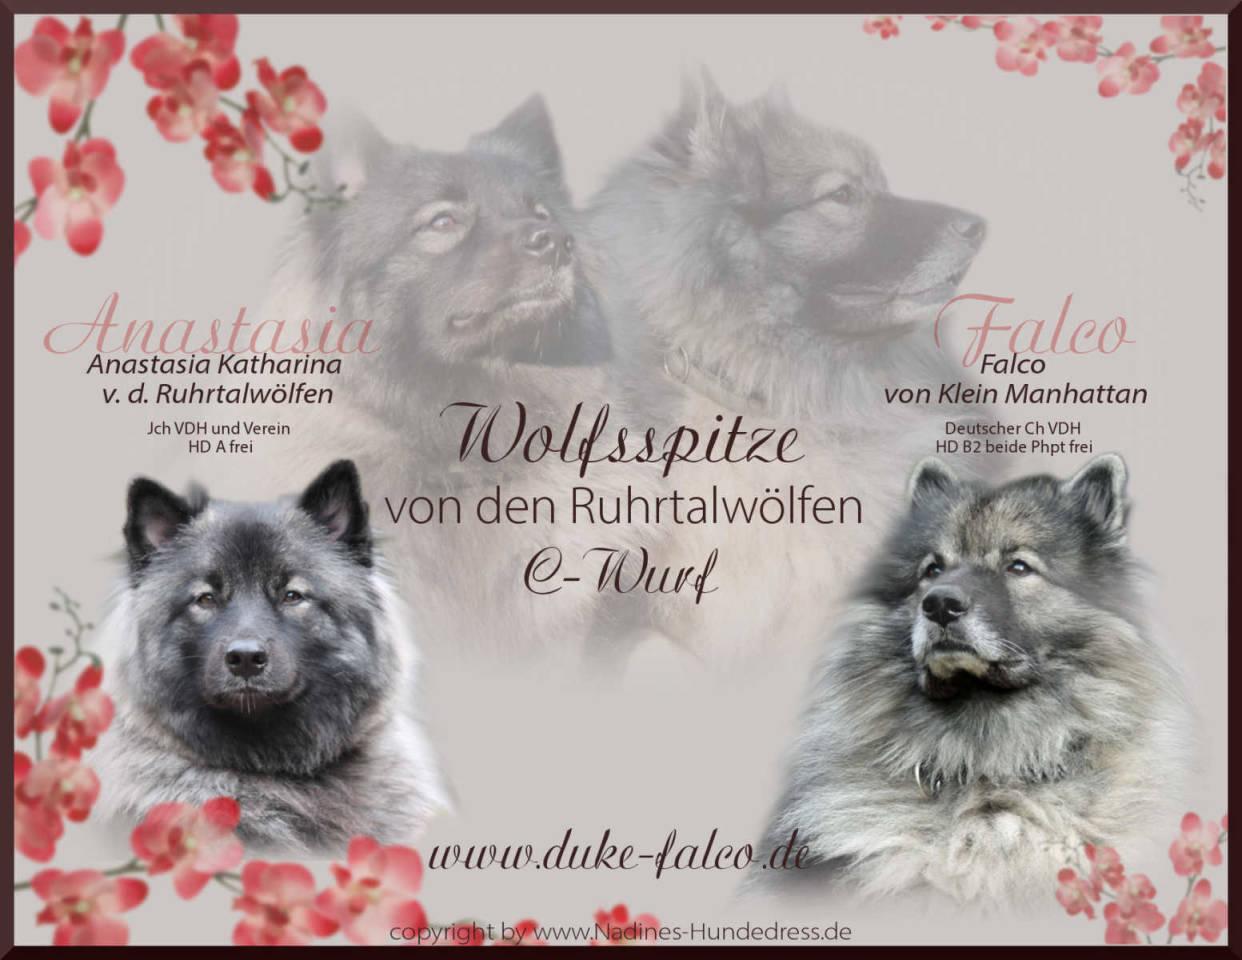 Ruhrtahlwölfe C-Wurf Wolfsspitz Verpaarung Wurfankündigung